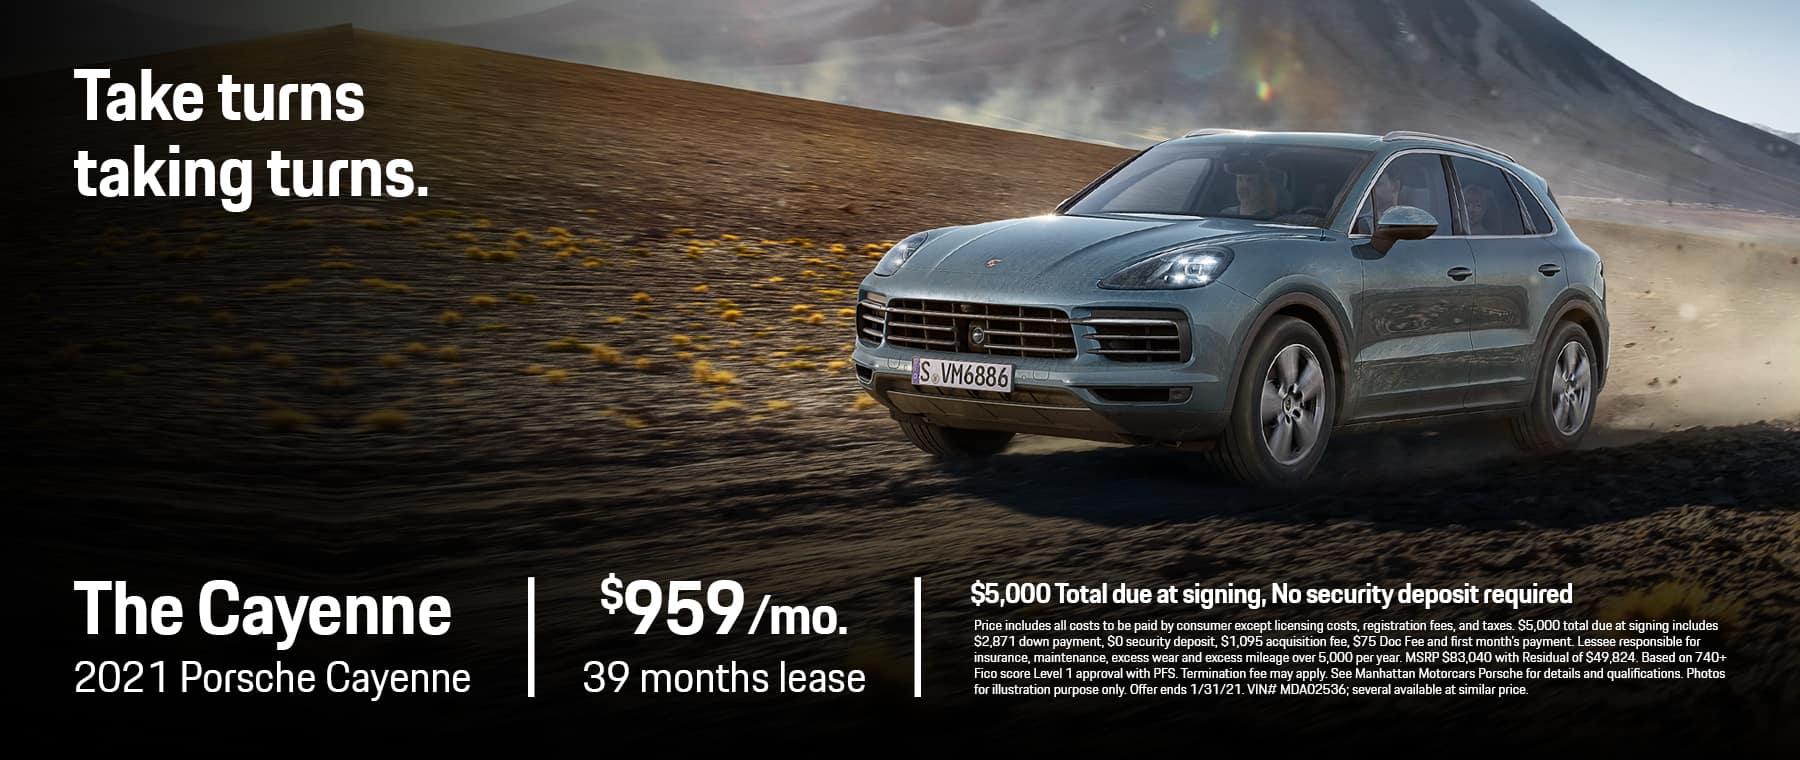 MMC Porsche 1800×760 Jaunary 2021 Cayenne